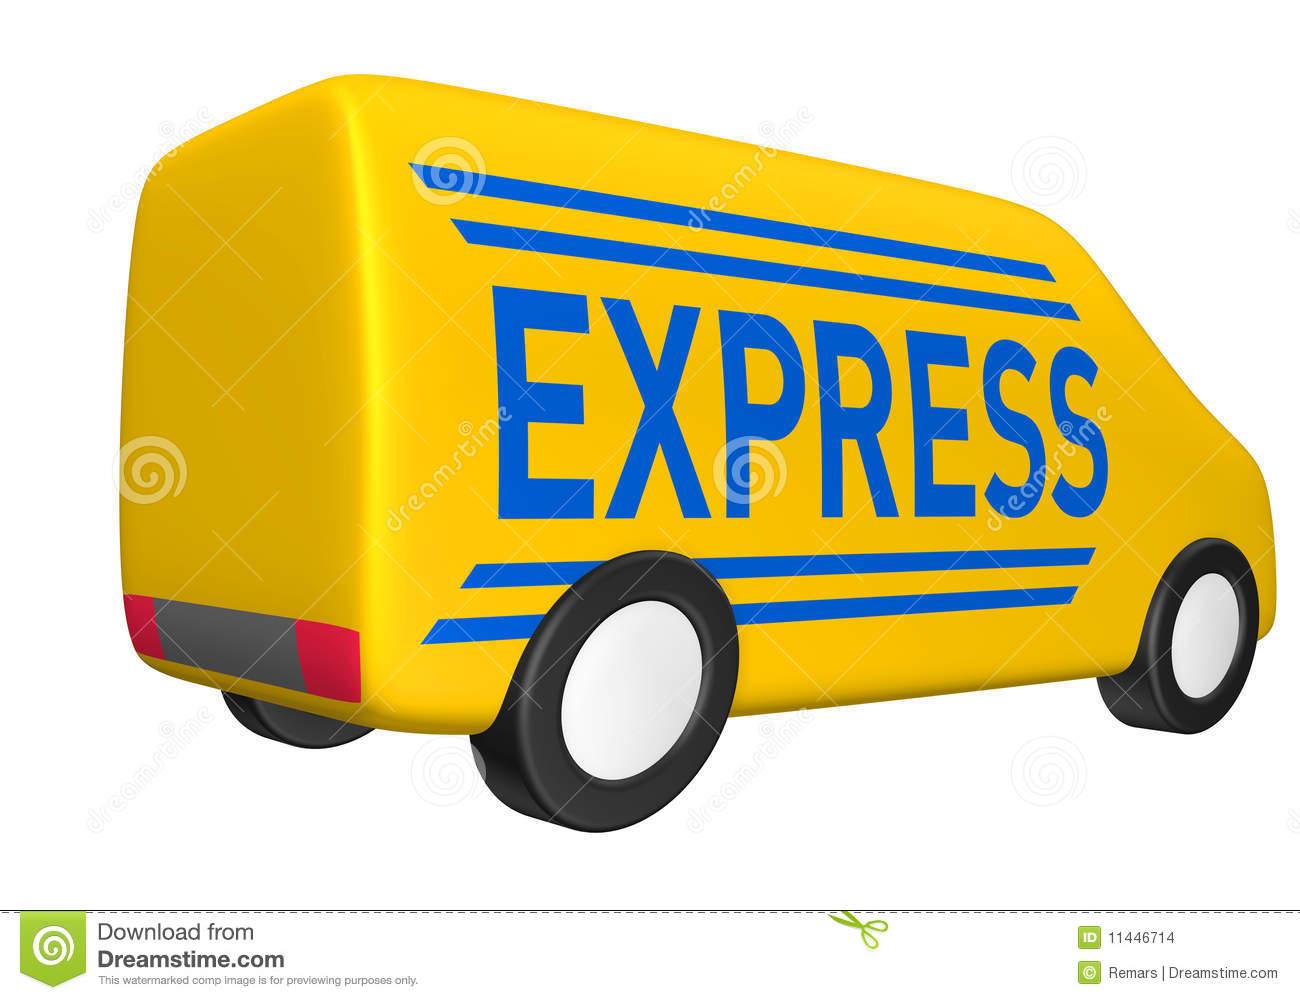 Express.